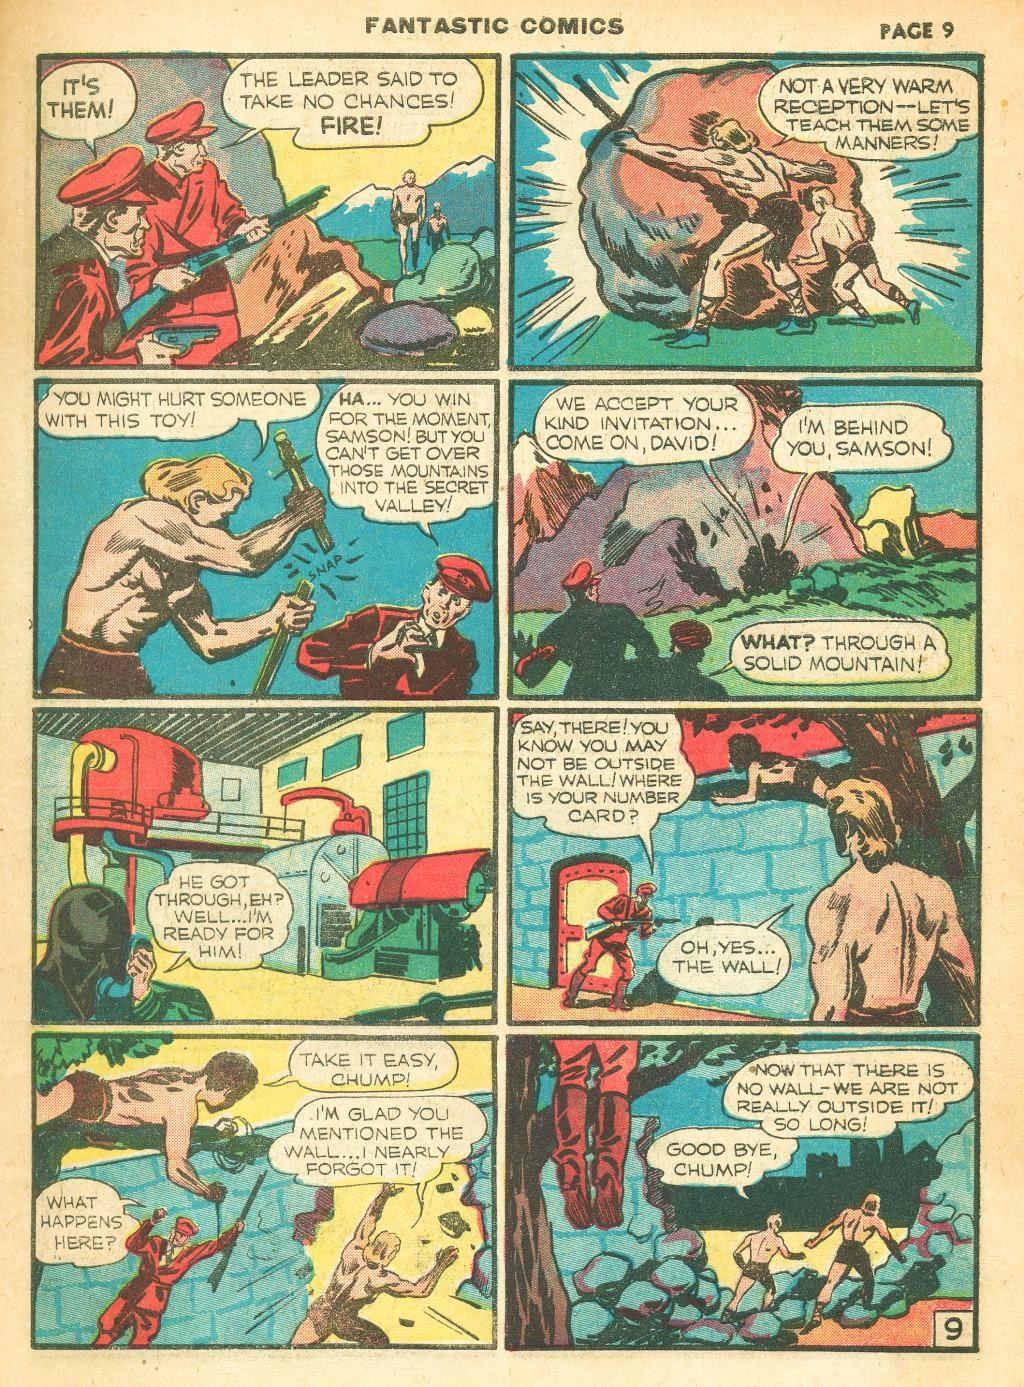 Read online Fantastic Comics comic -  Issue #12 - 11